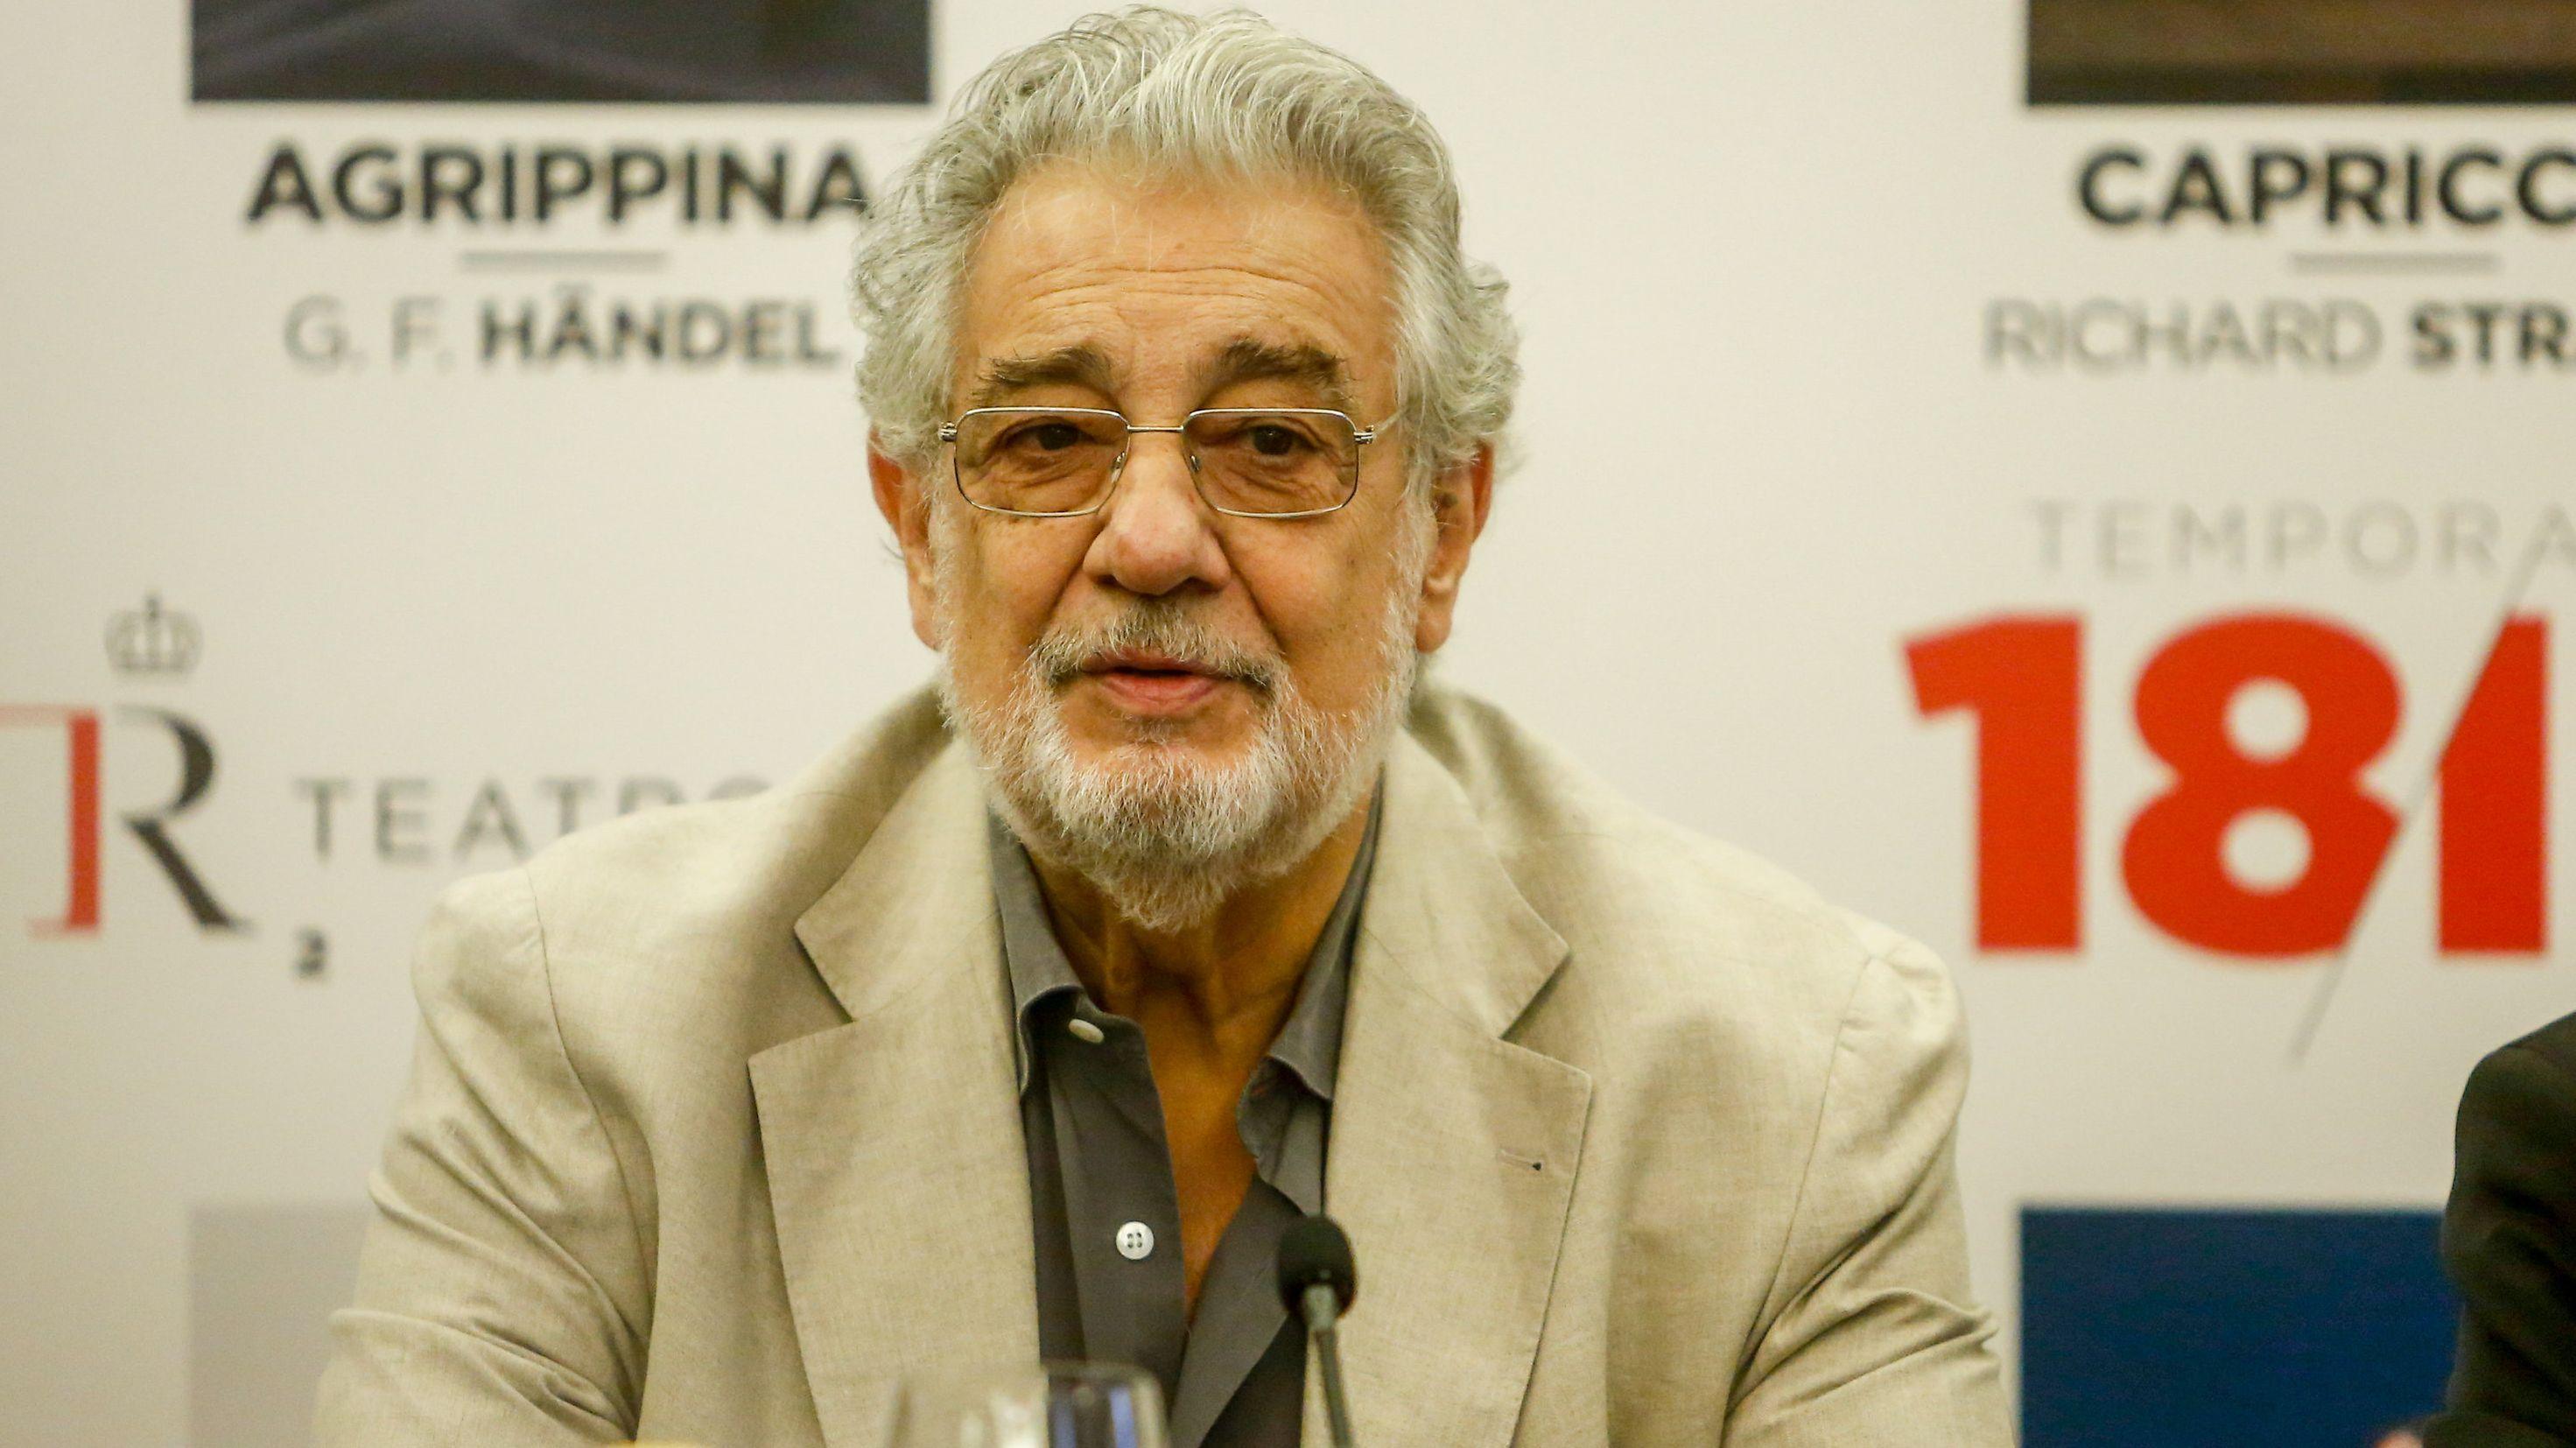 Archivbild: Sänger Plácido Domingo bei einer Pressekonferenz